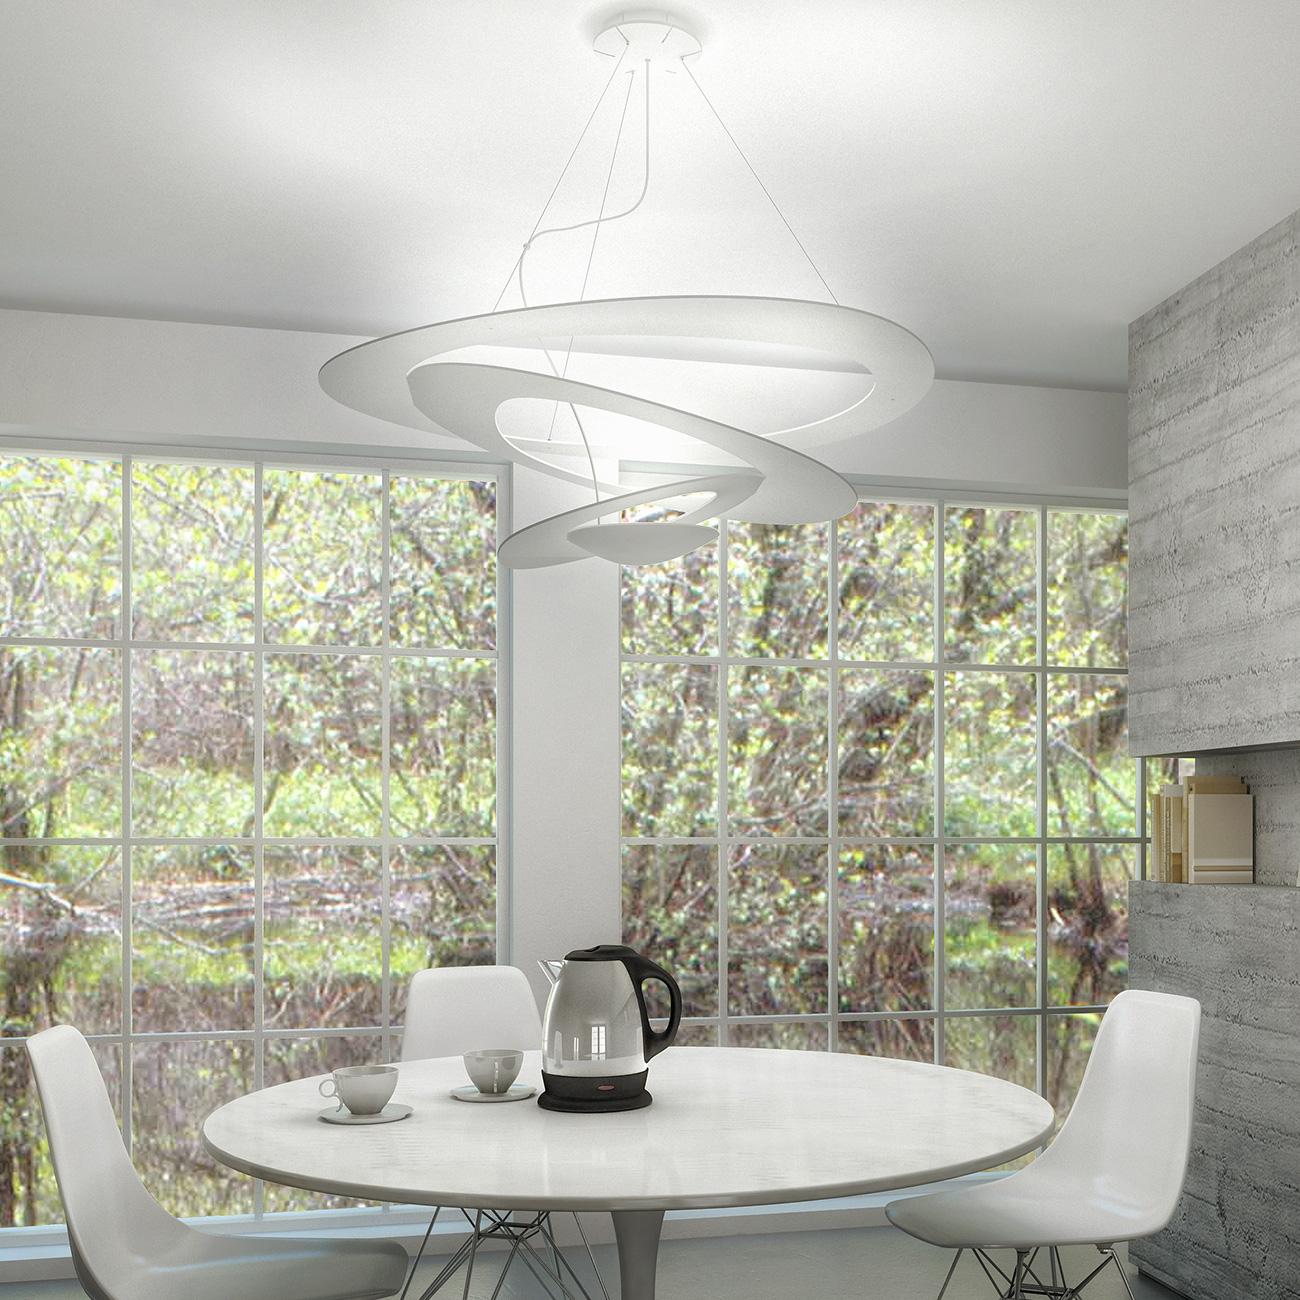 artemide pirce sospensione pendelleuchte 1239010a reuter onlineshop. Black Bedroom Furniture Sets. Home Design Ideas